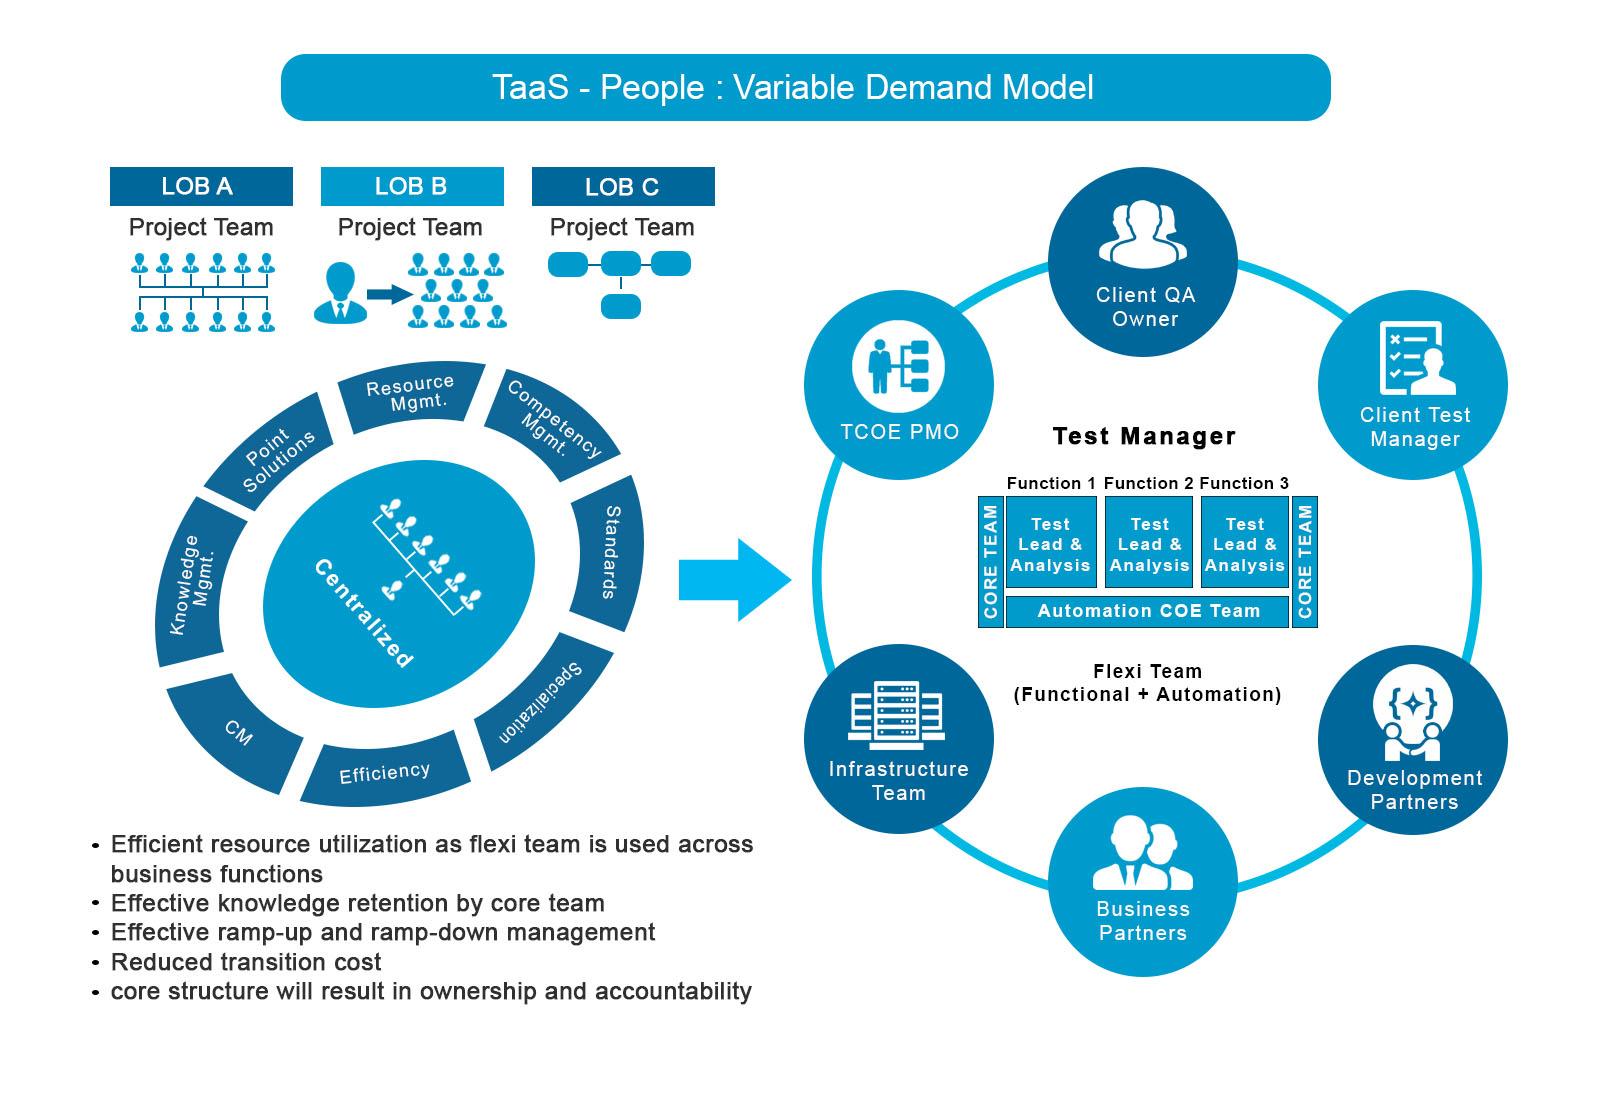 TaaS - People : Variable Demand Model